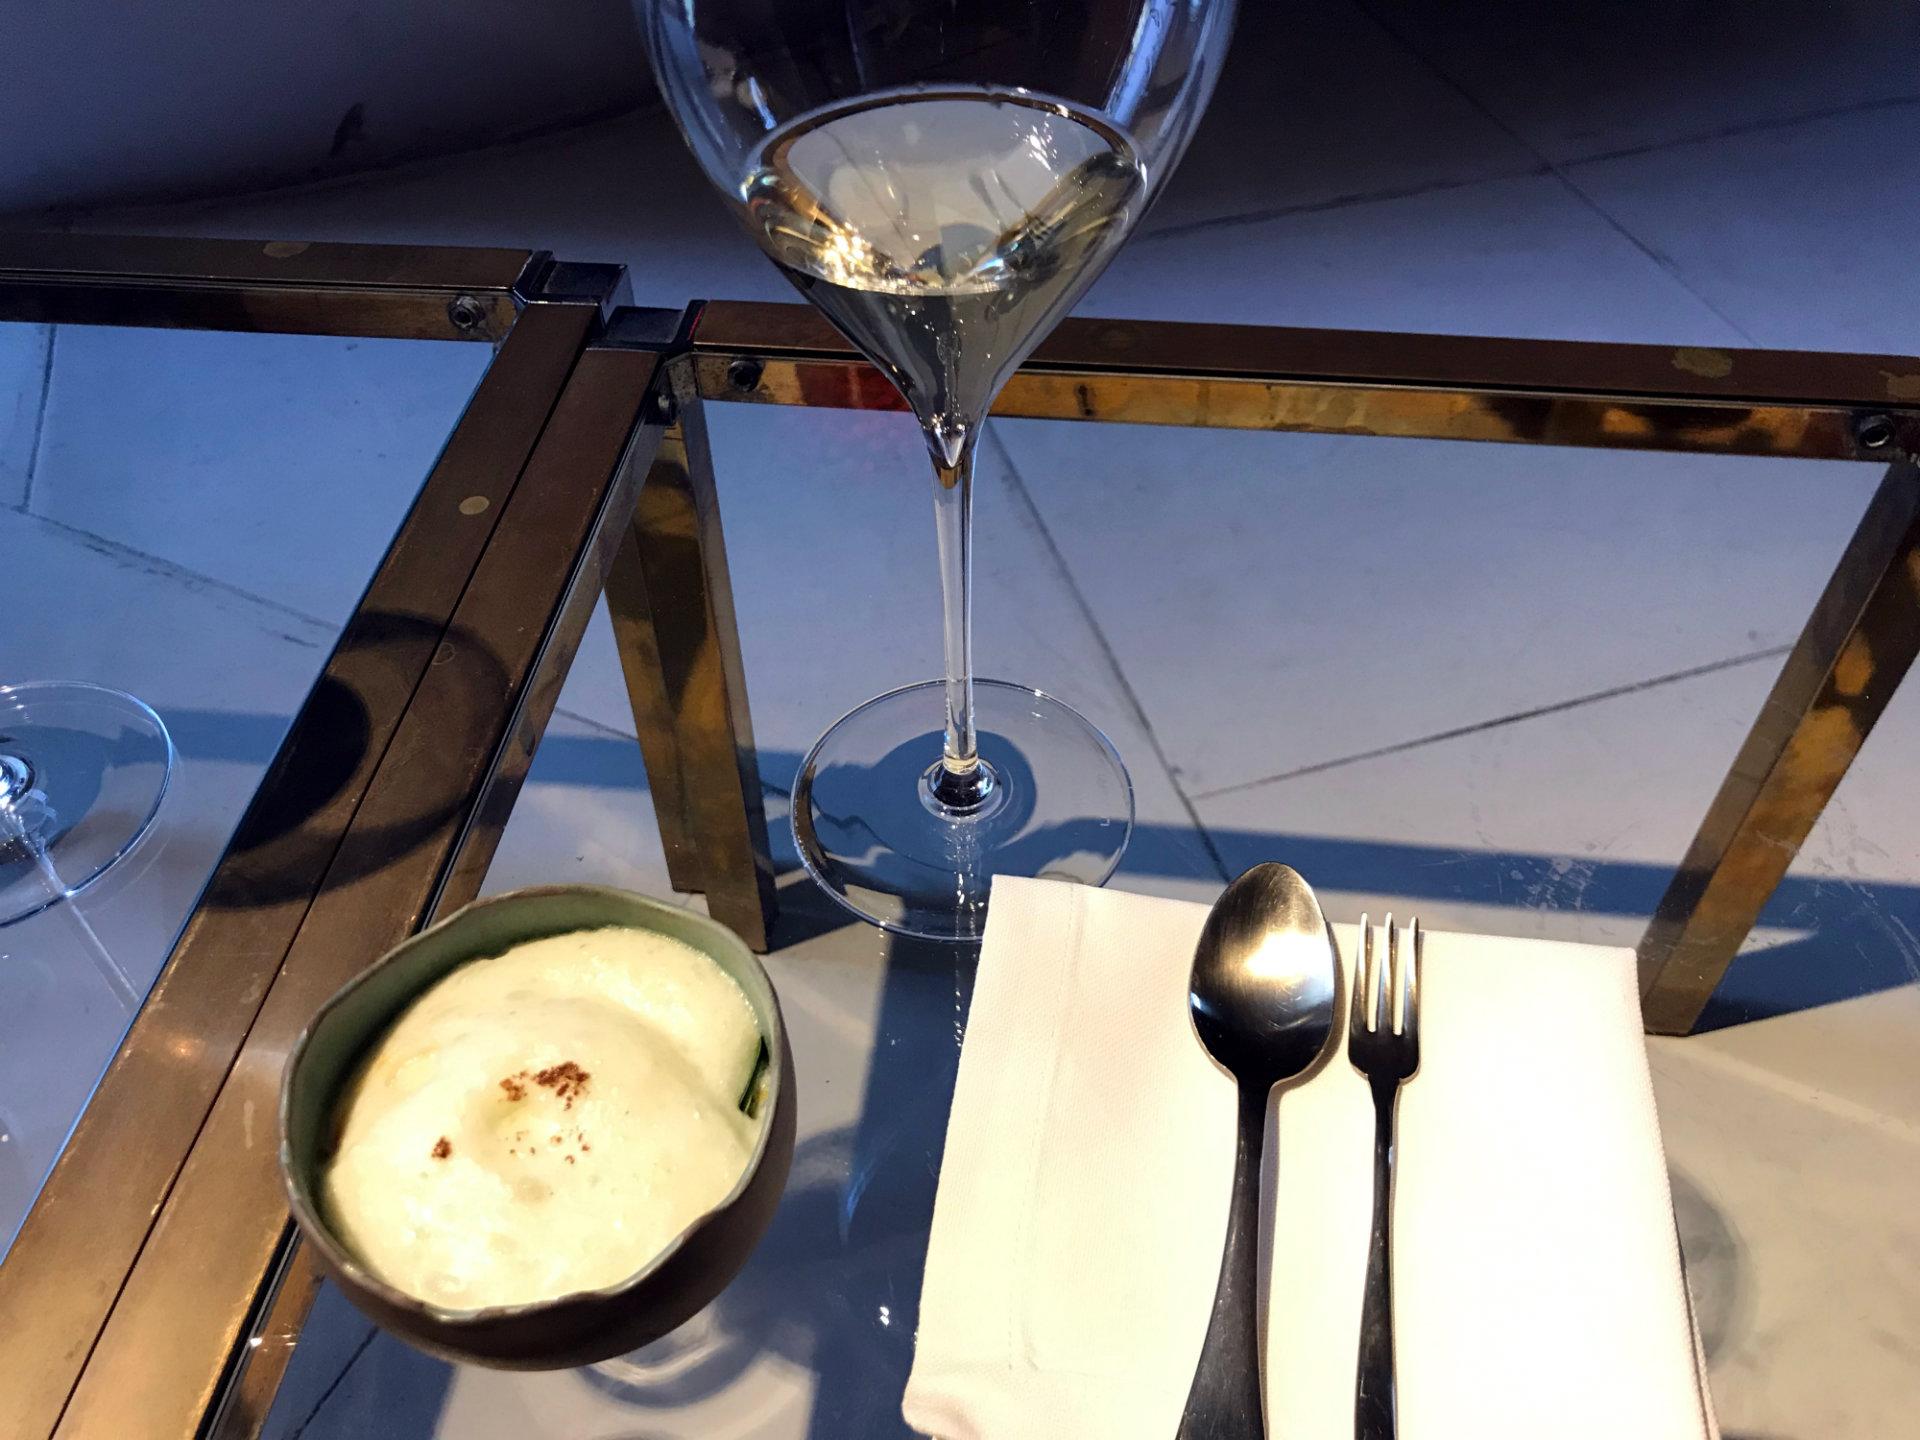 Mise en place tavolino per aperitivo, Torre del Saracino, Gennaro Esposito, Vico Equense, Campania